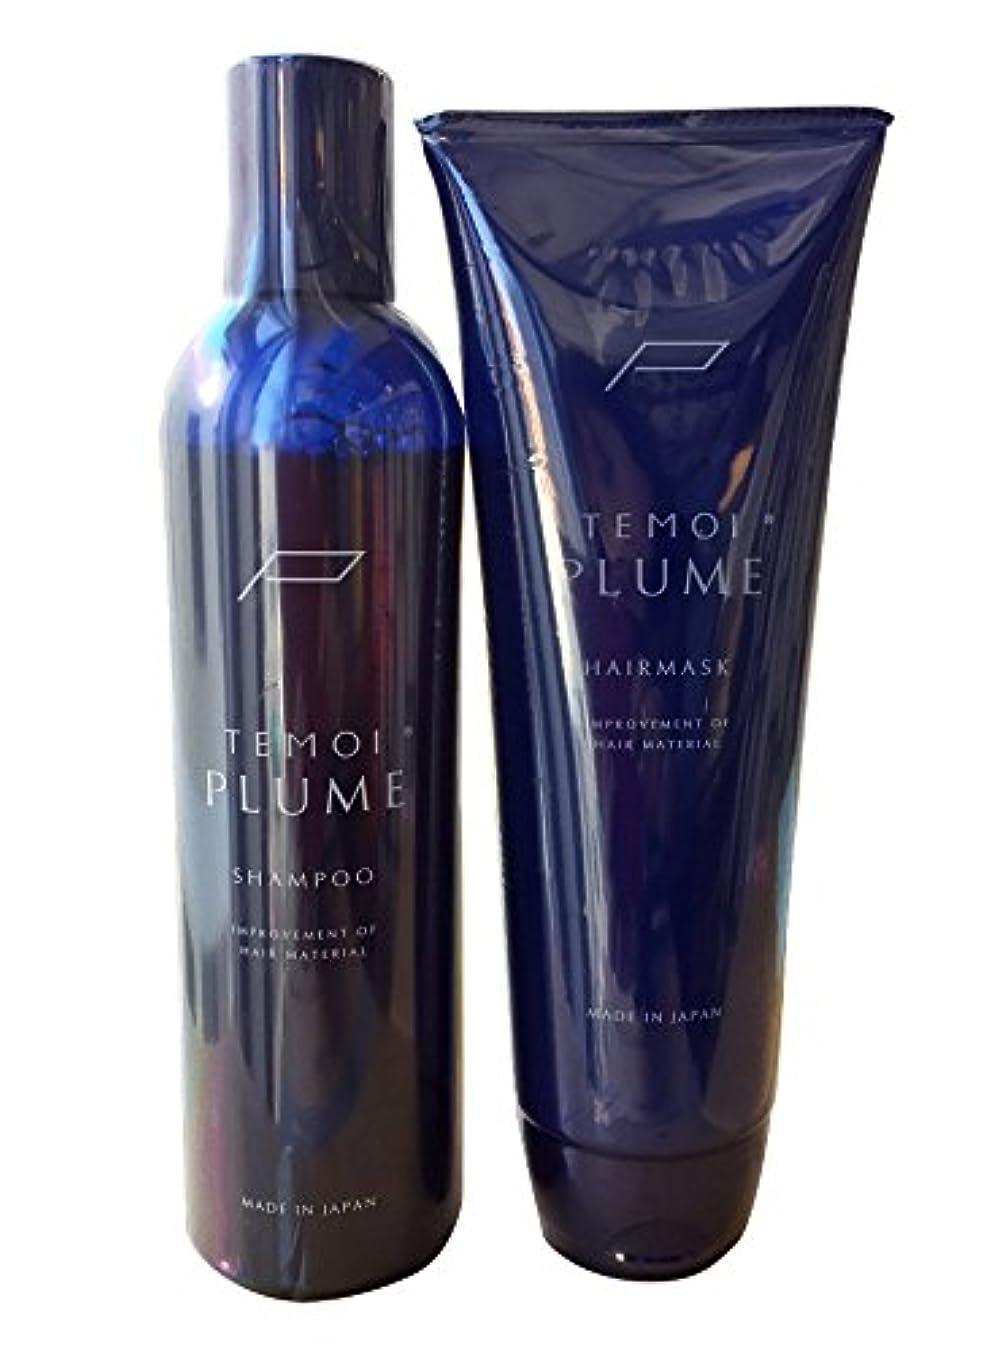 反応する化学薬品少しテモイ(TEMOI) プルームシャンプー 300ml & プルームヘアマスク 250g セット